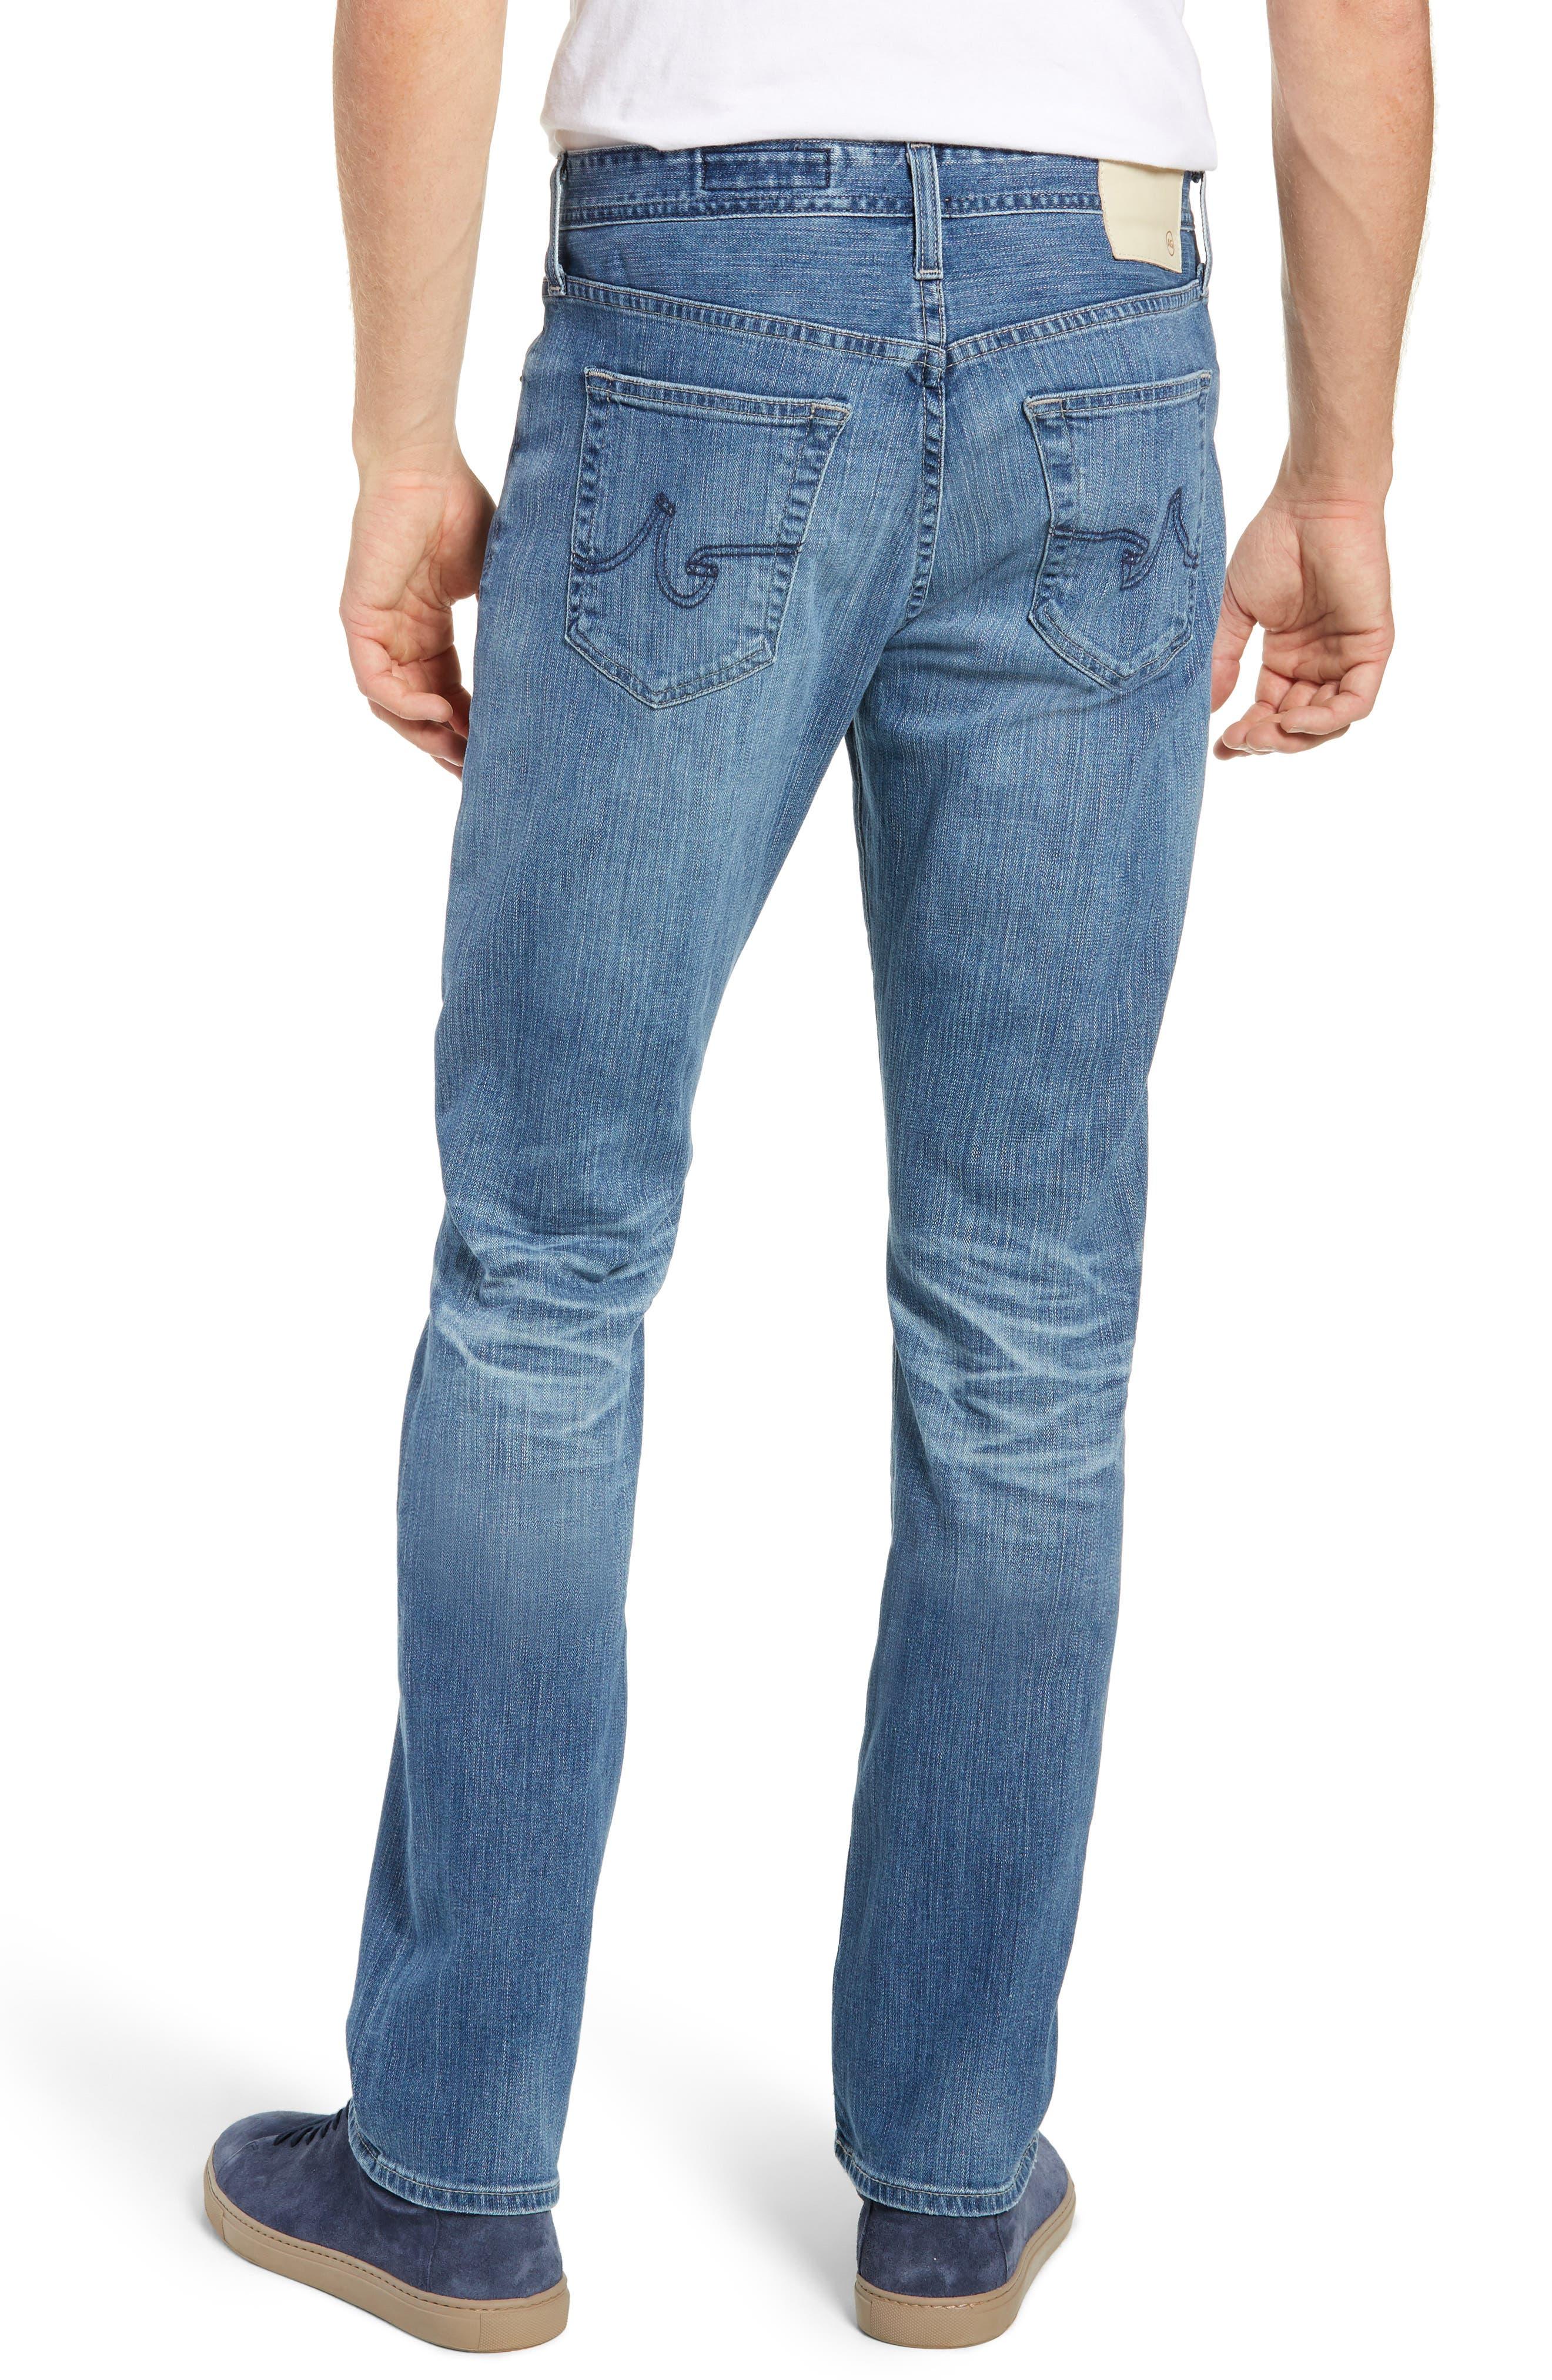 Everett Slim Straight Leg Jeans,                             Alternate thumbnail 2, color,                             14 YEARS ENGAGEMENT